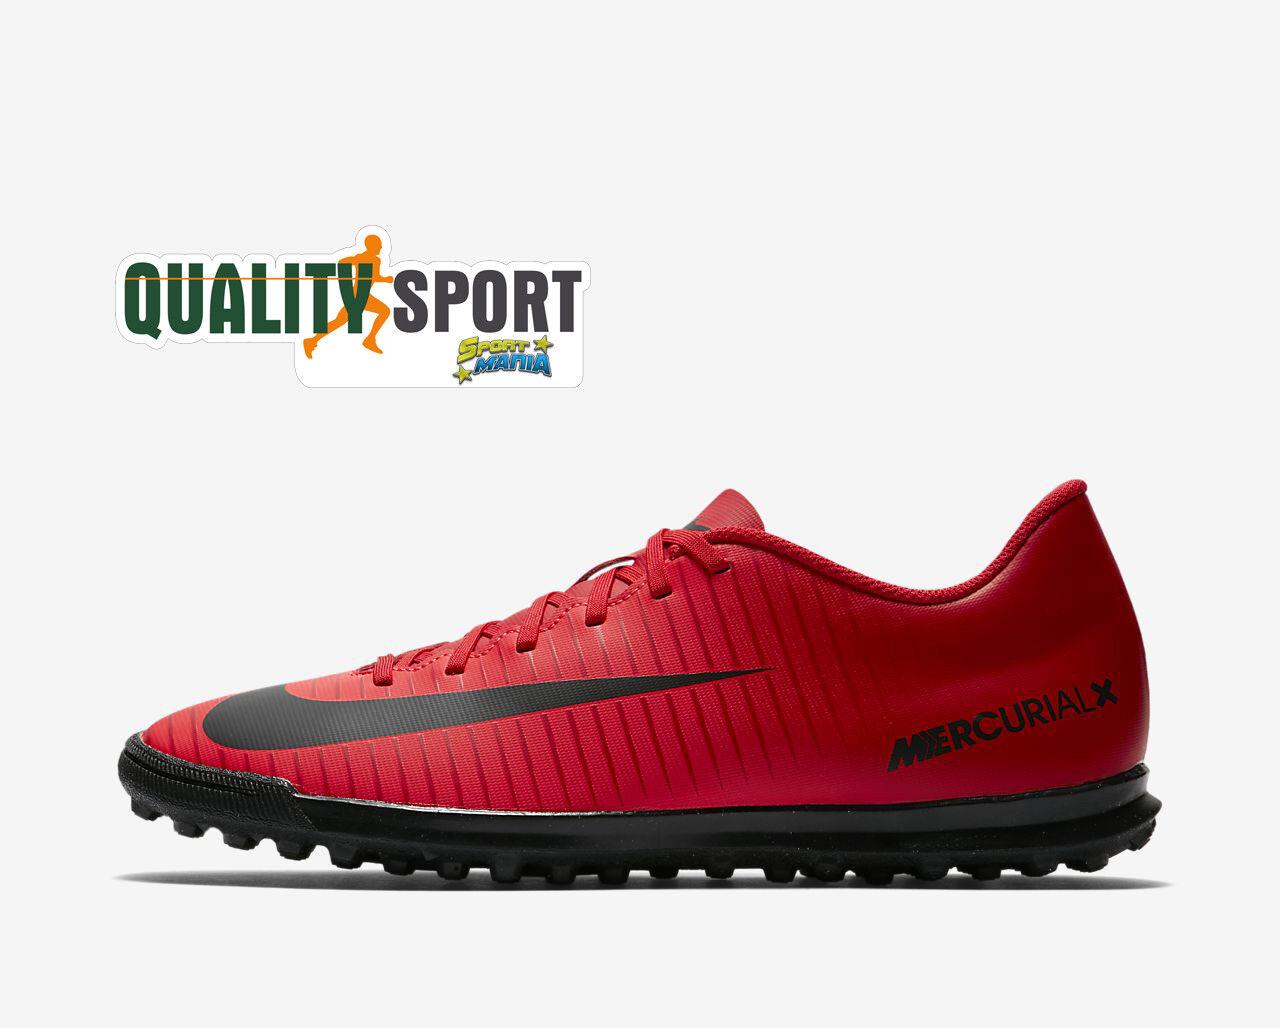 outlet store 6cd1f 1055f Nike Mercurial Vortex III TF TF TF Rosso Scarpe scarpe Uomo Calcetto 831971  616 ce99ac